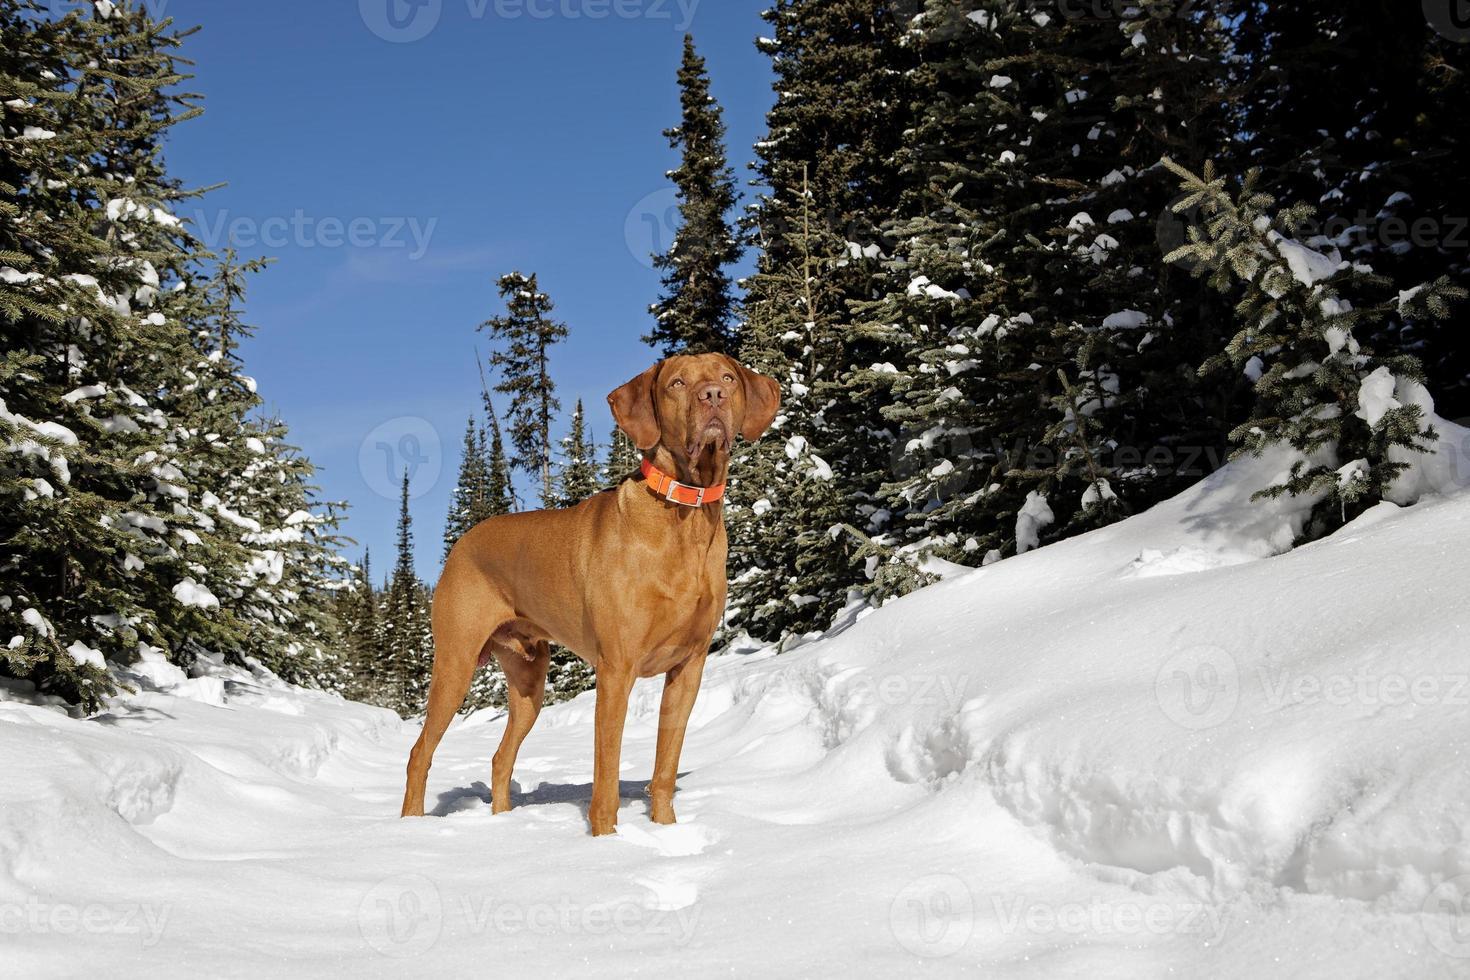 auf dem Winterweg foto